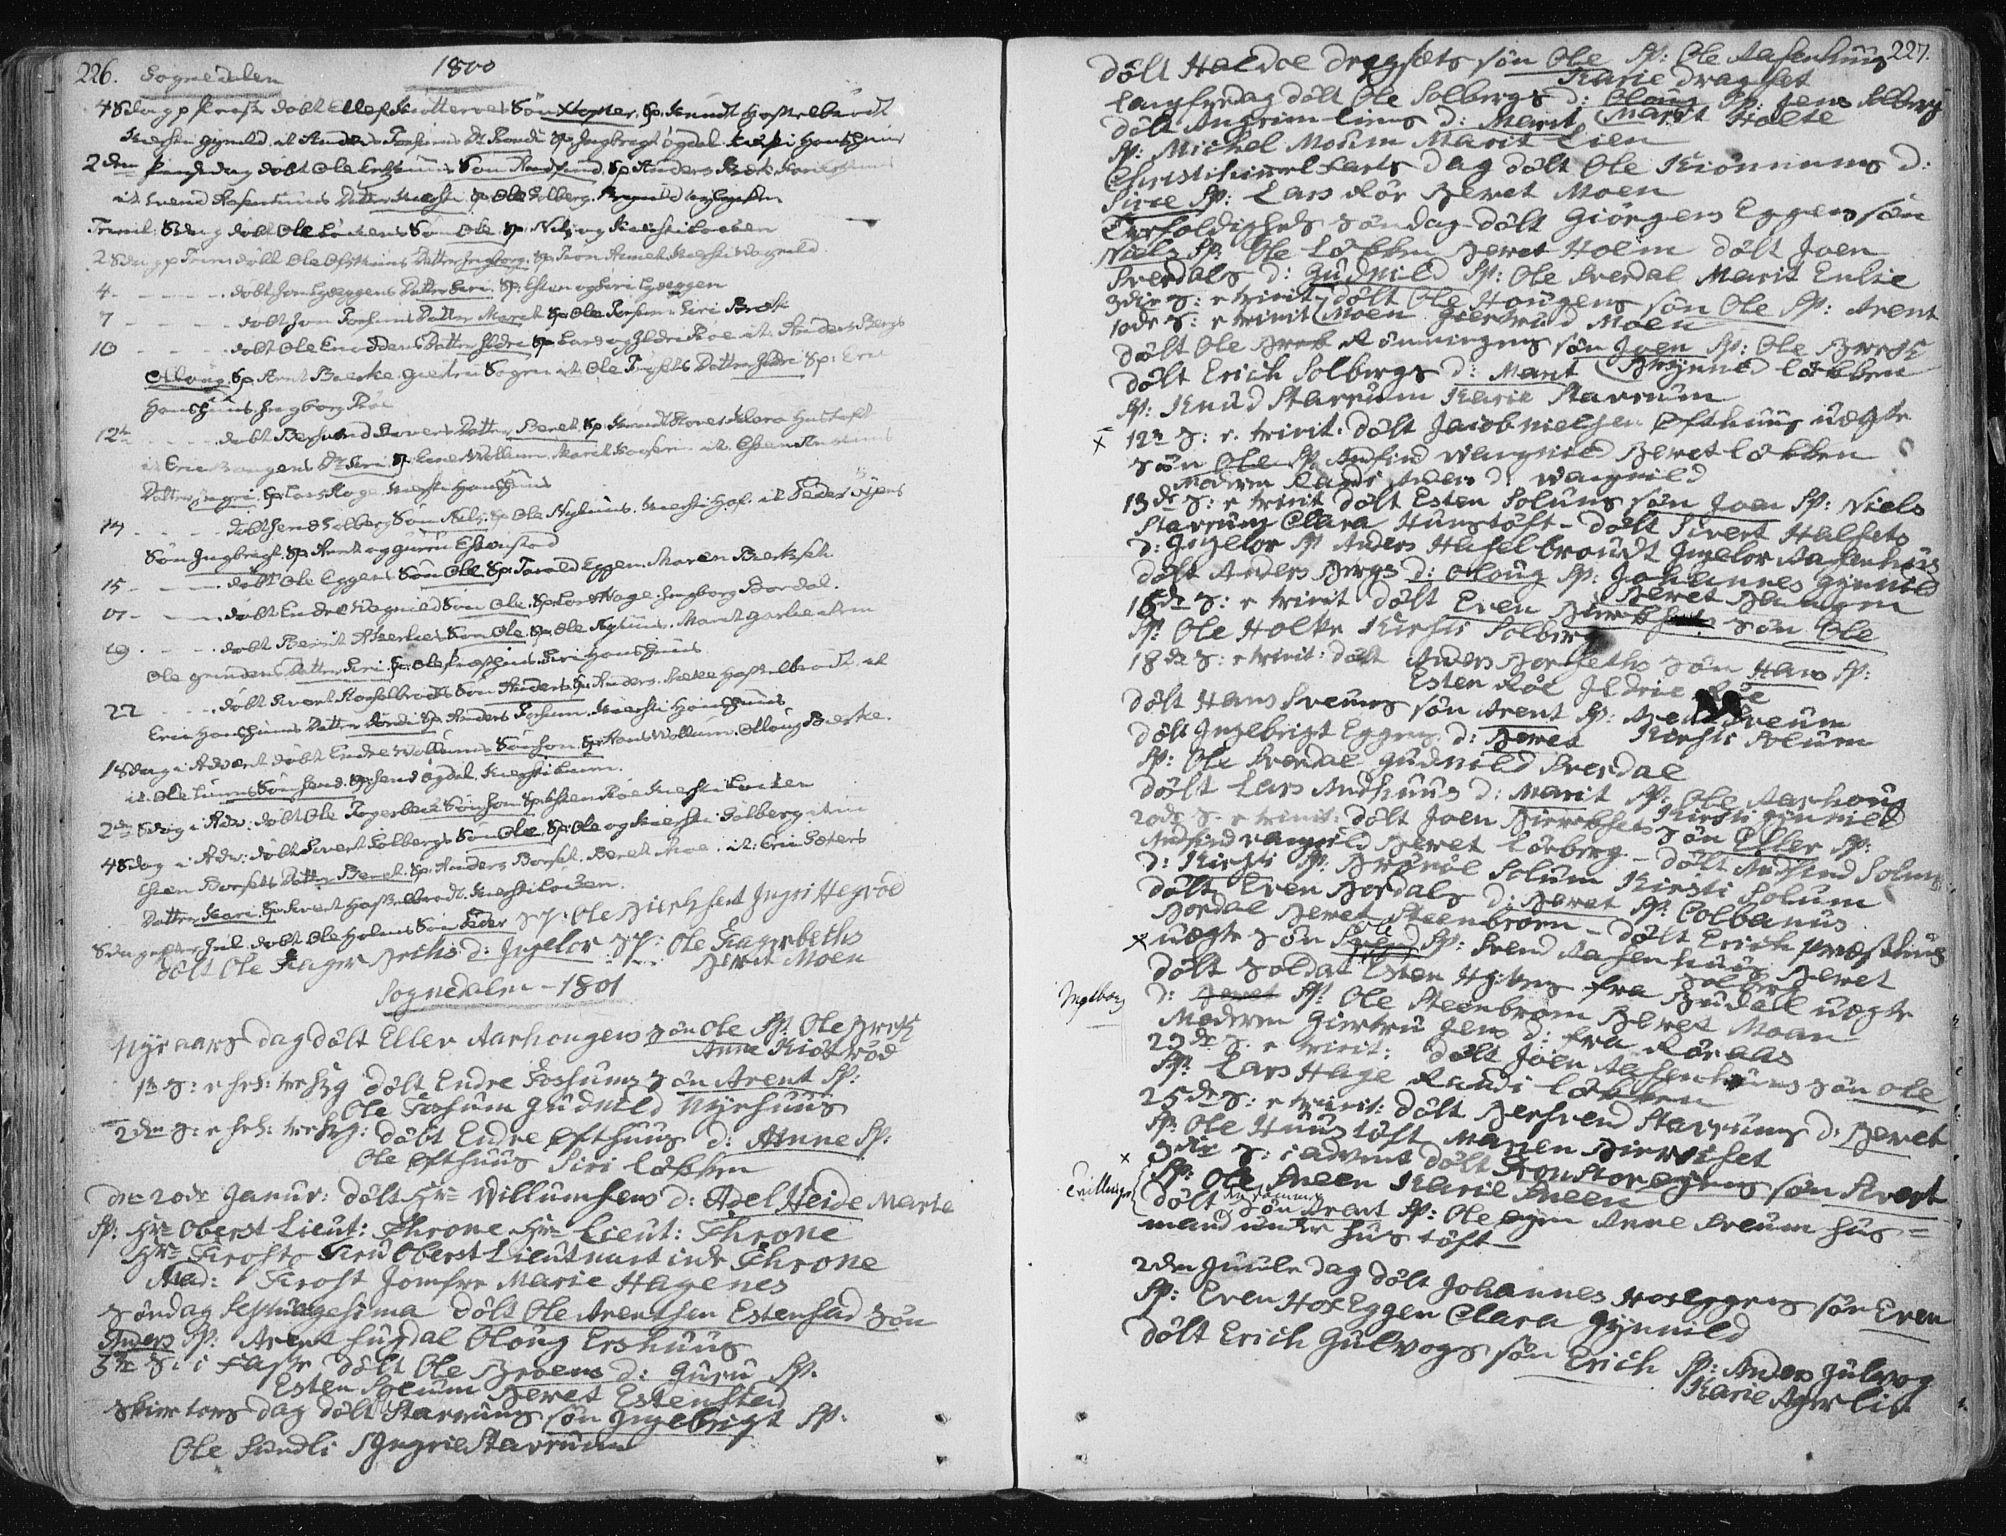 SAT, Ministerialprotokoller, klokkerbøker og fødselsregistre - Sør-Trøndelag, 687/L0992: Ministerialbok nr. 687A03 /1, 1788-1815, s. 226-227